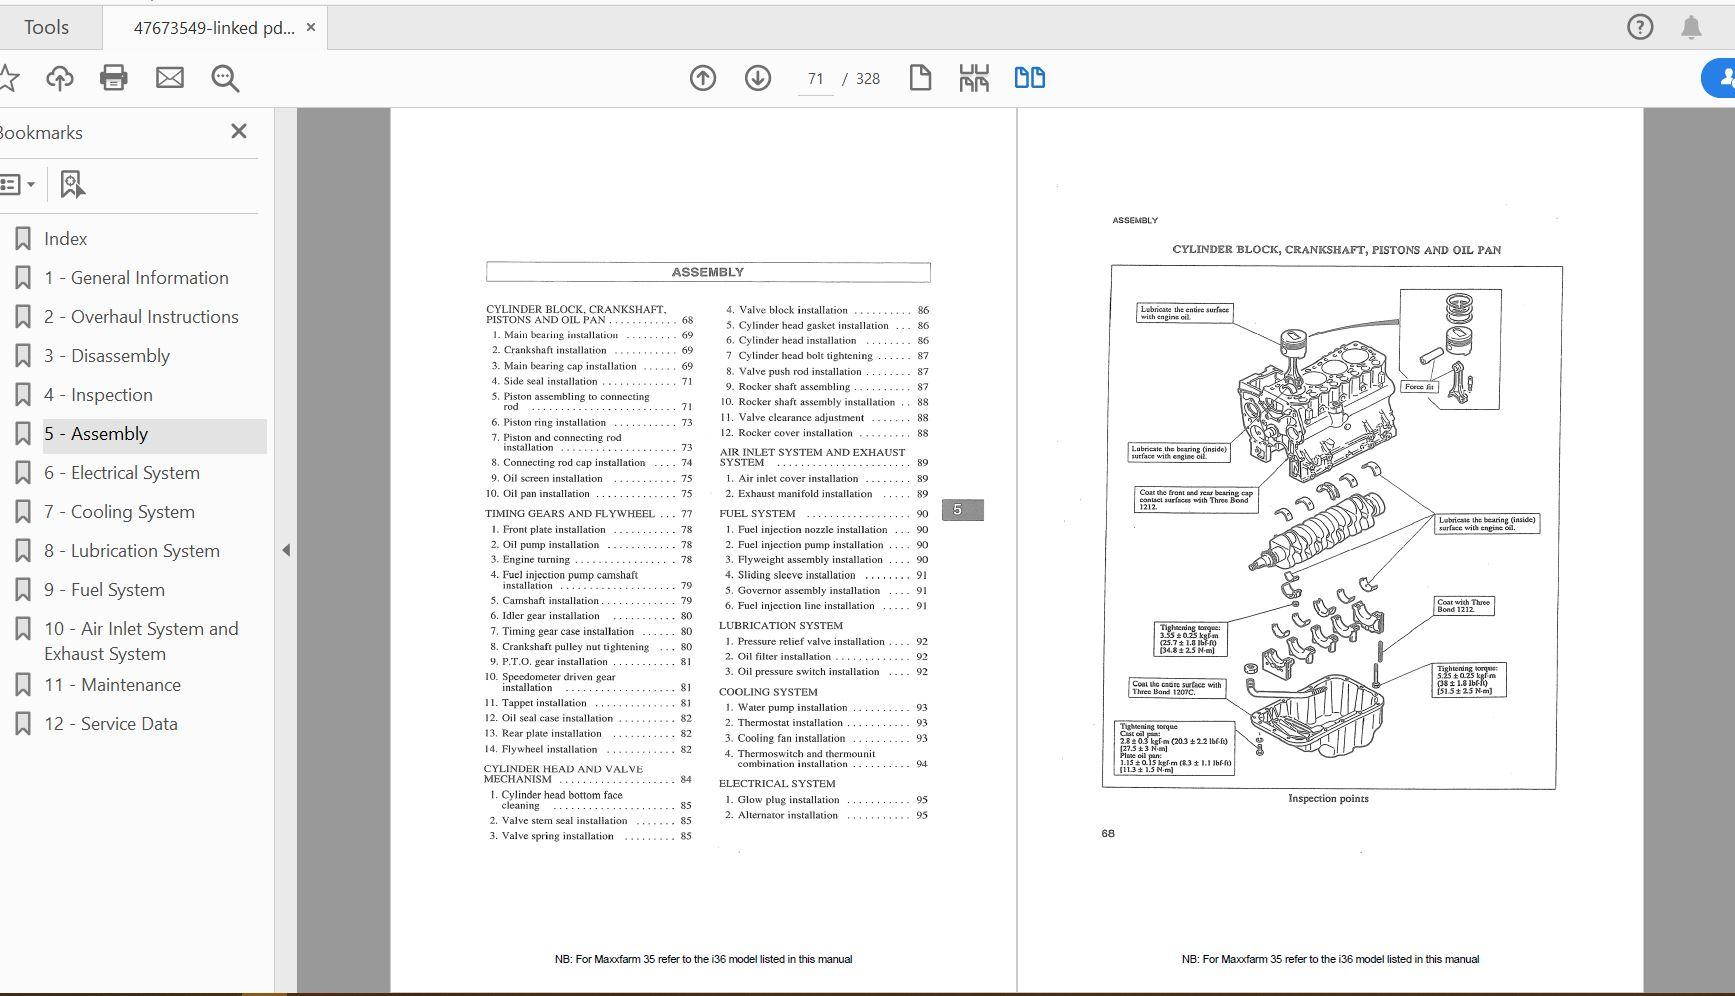 Case Ih Tractor Maxxfarm 35 Service Manual 47673549